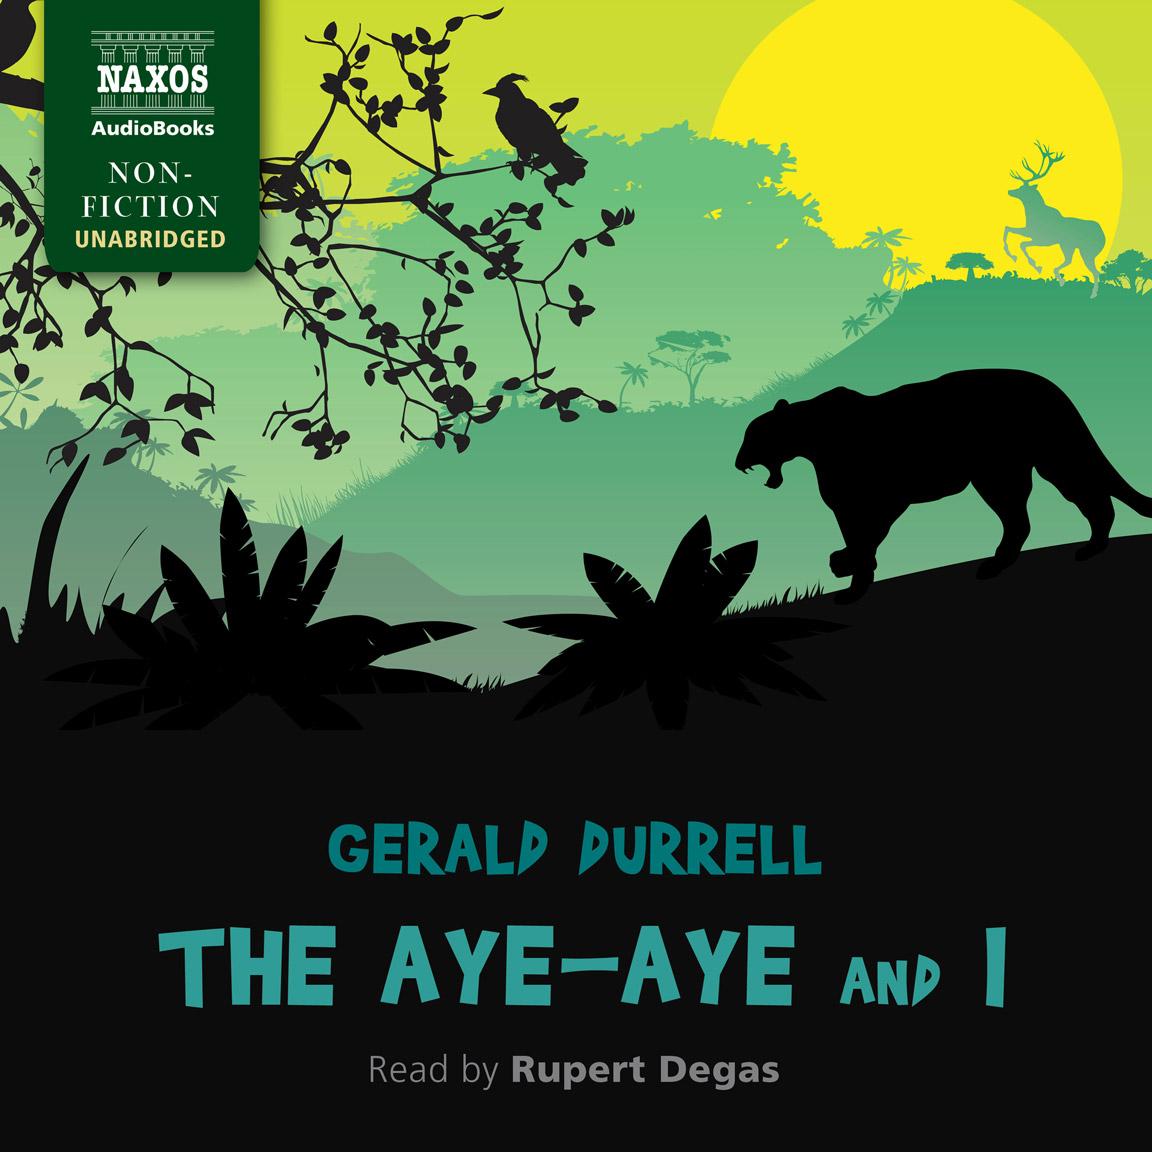 The Aye-Aye and I (unabridged)